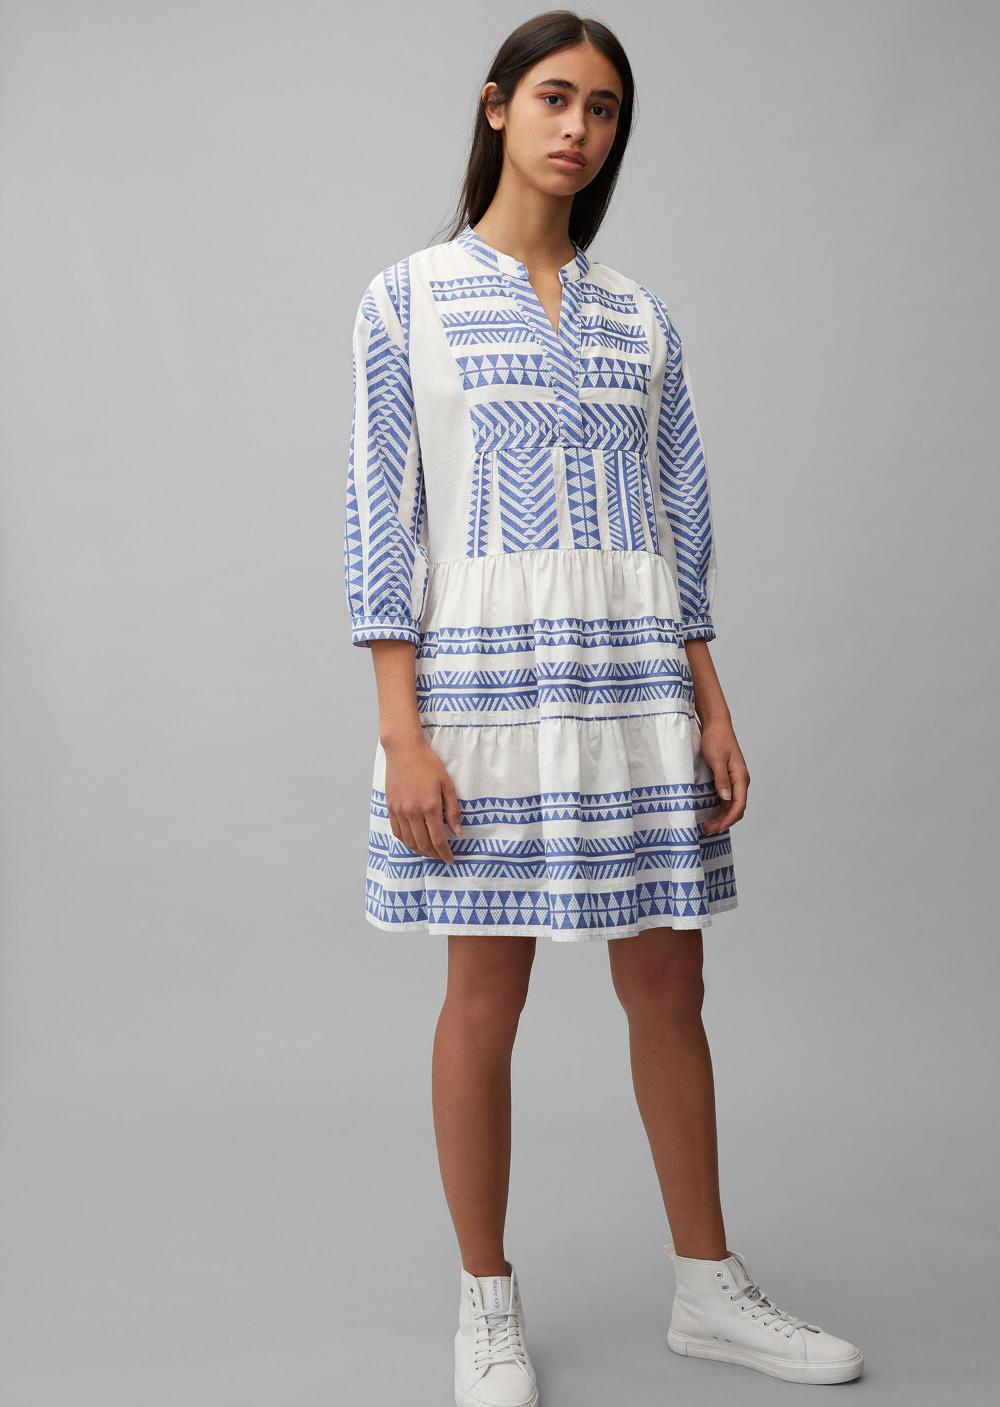 Tunic Dress Multi Fashion Tunic Dress Knit Dress [ 1407 x 1000 Pixel ]